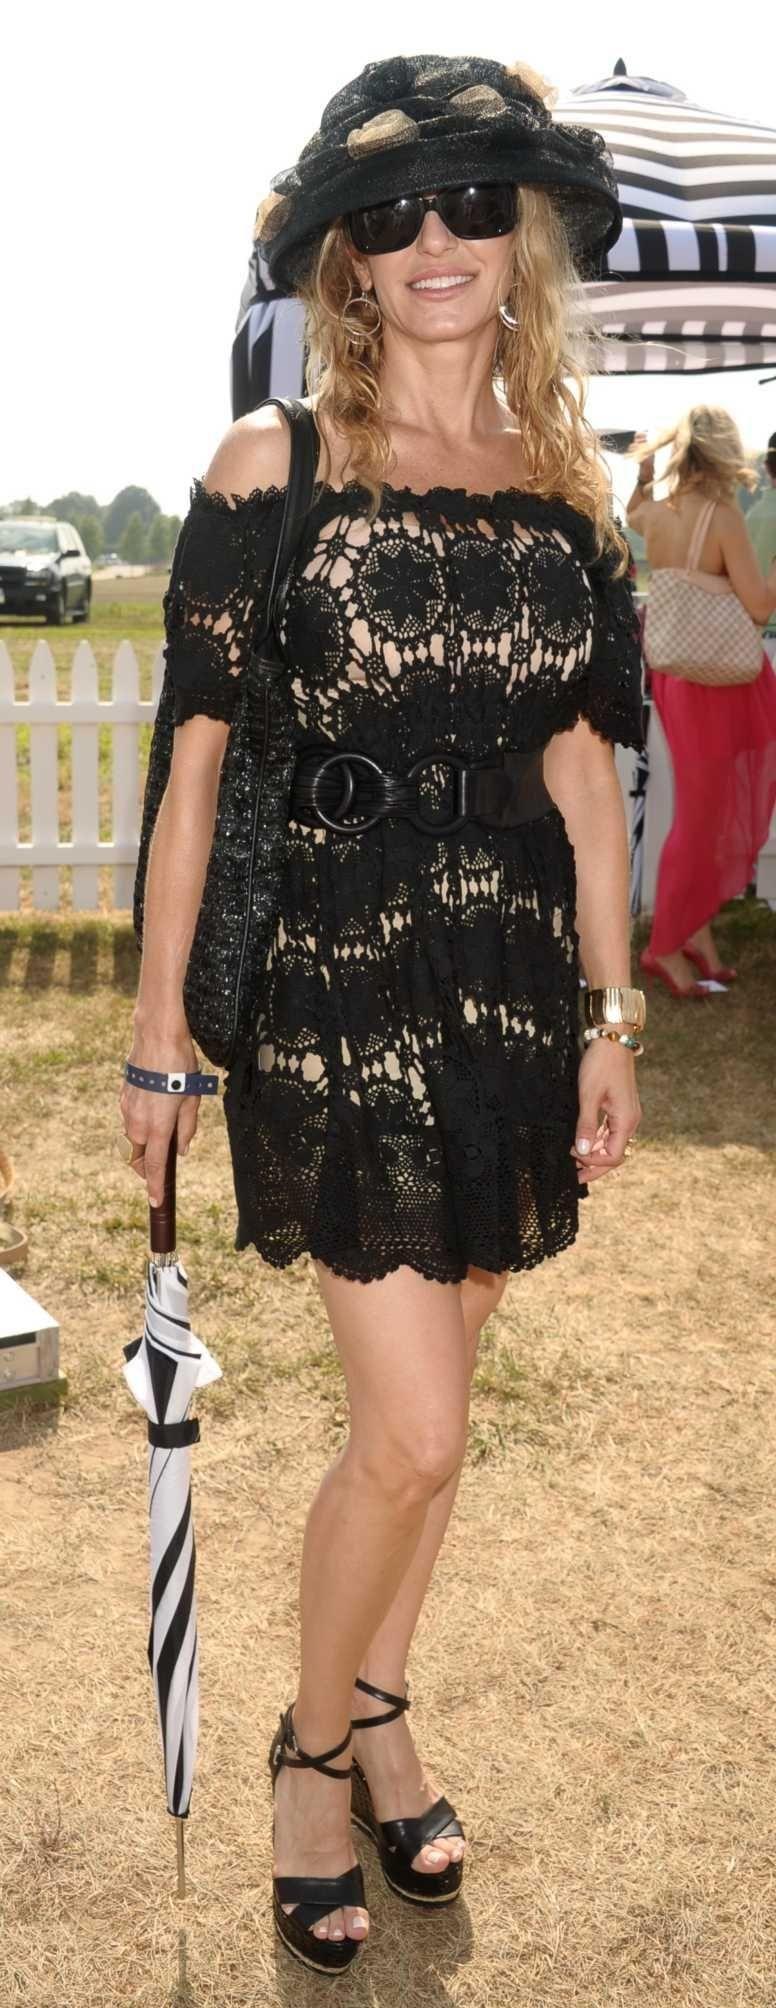 Thereza Romanelli attends the 17th Annual Bridgehampton Polo